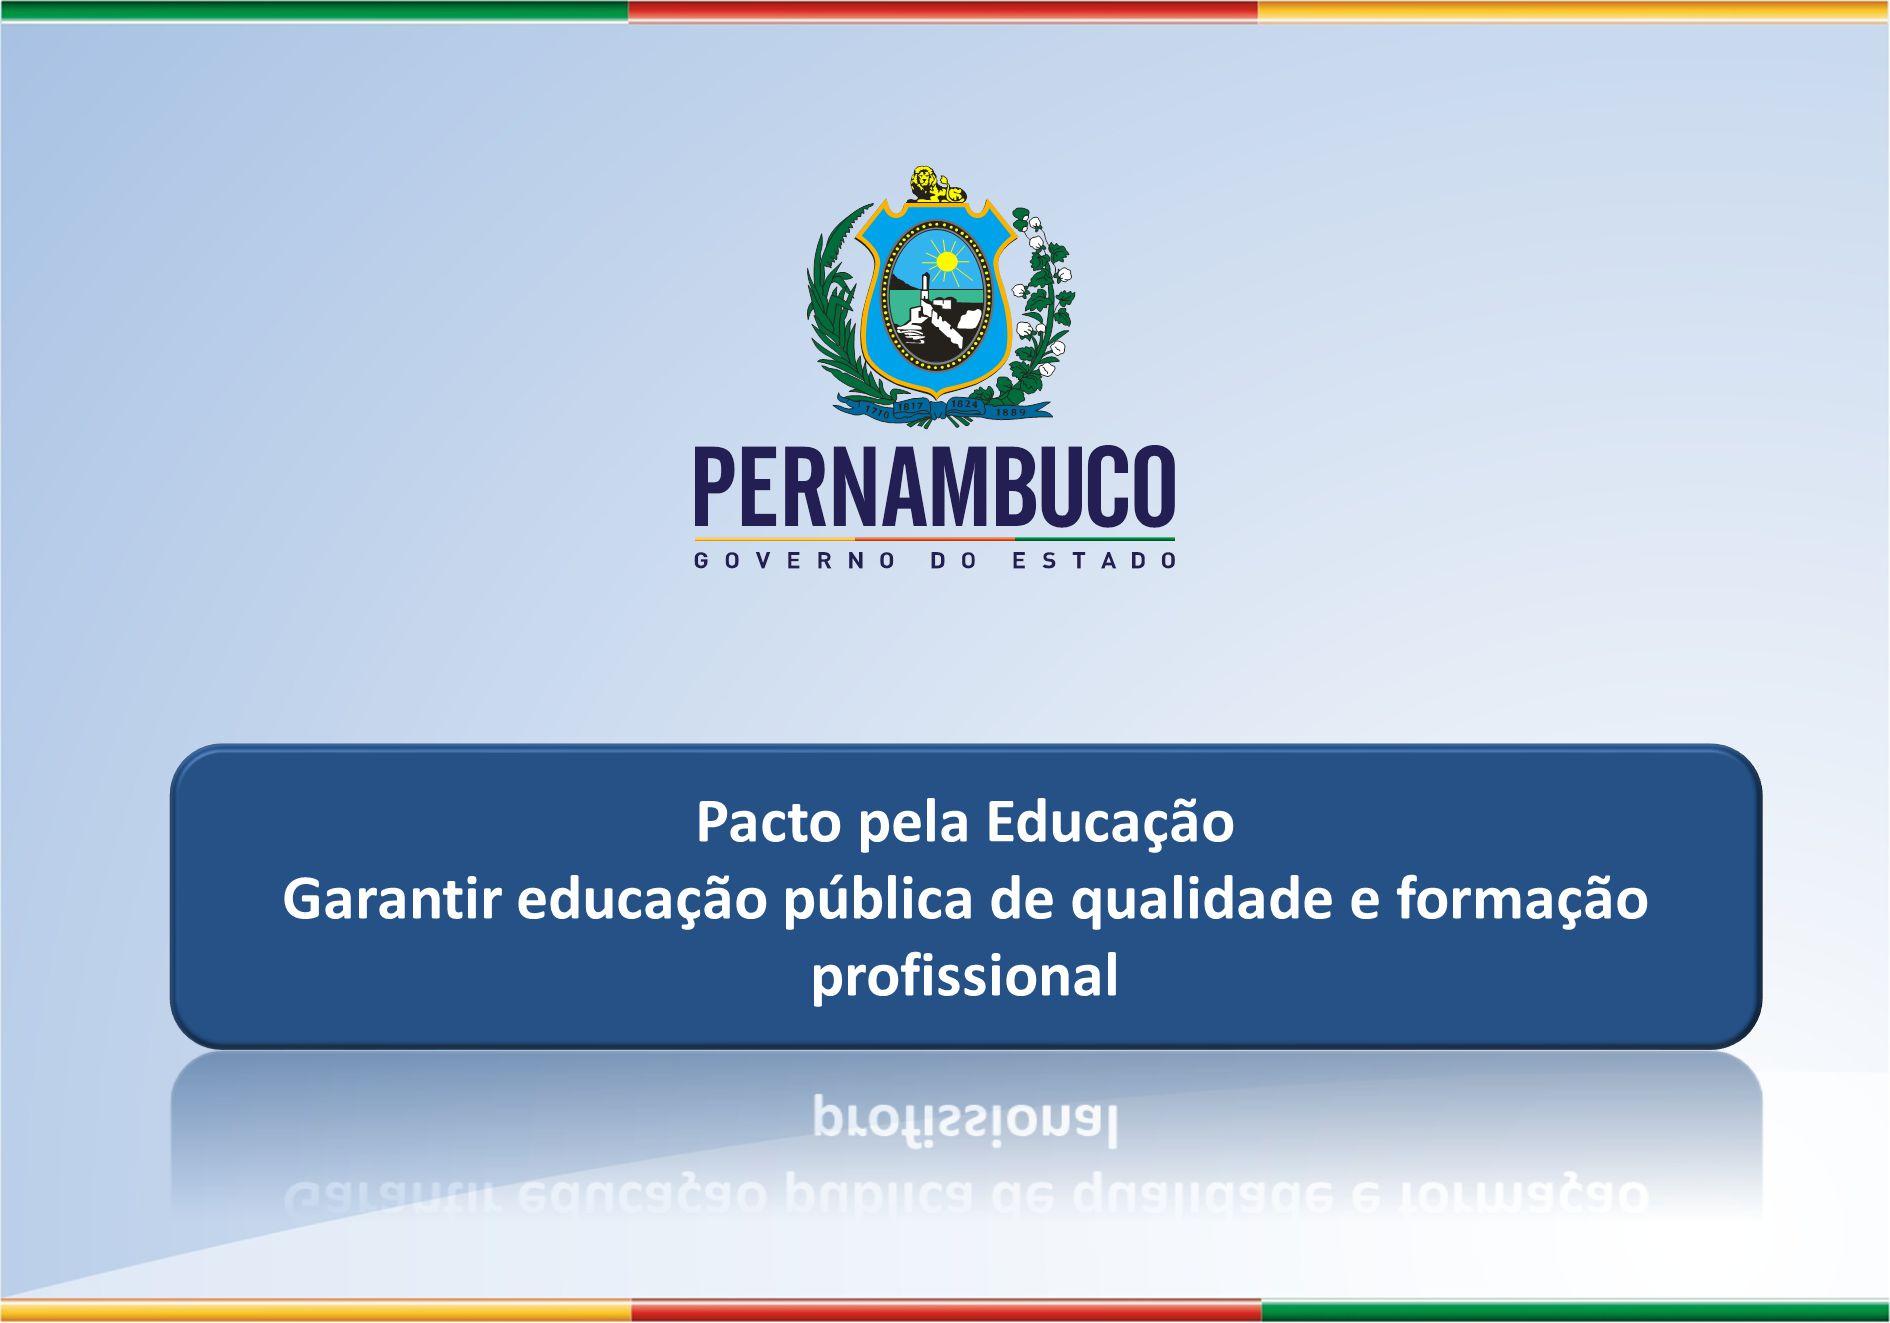 Garantir educação pública de qualidade e formação profissional